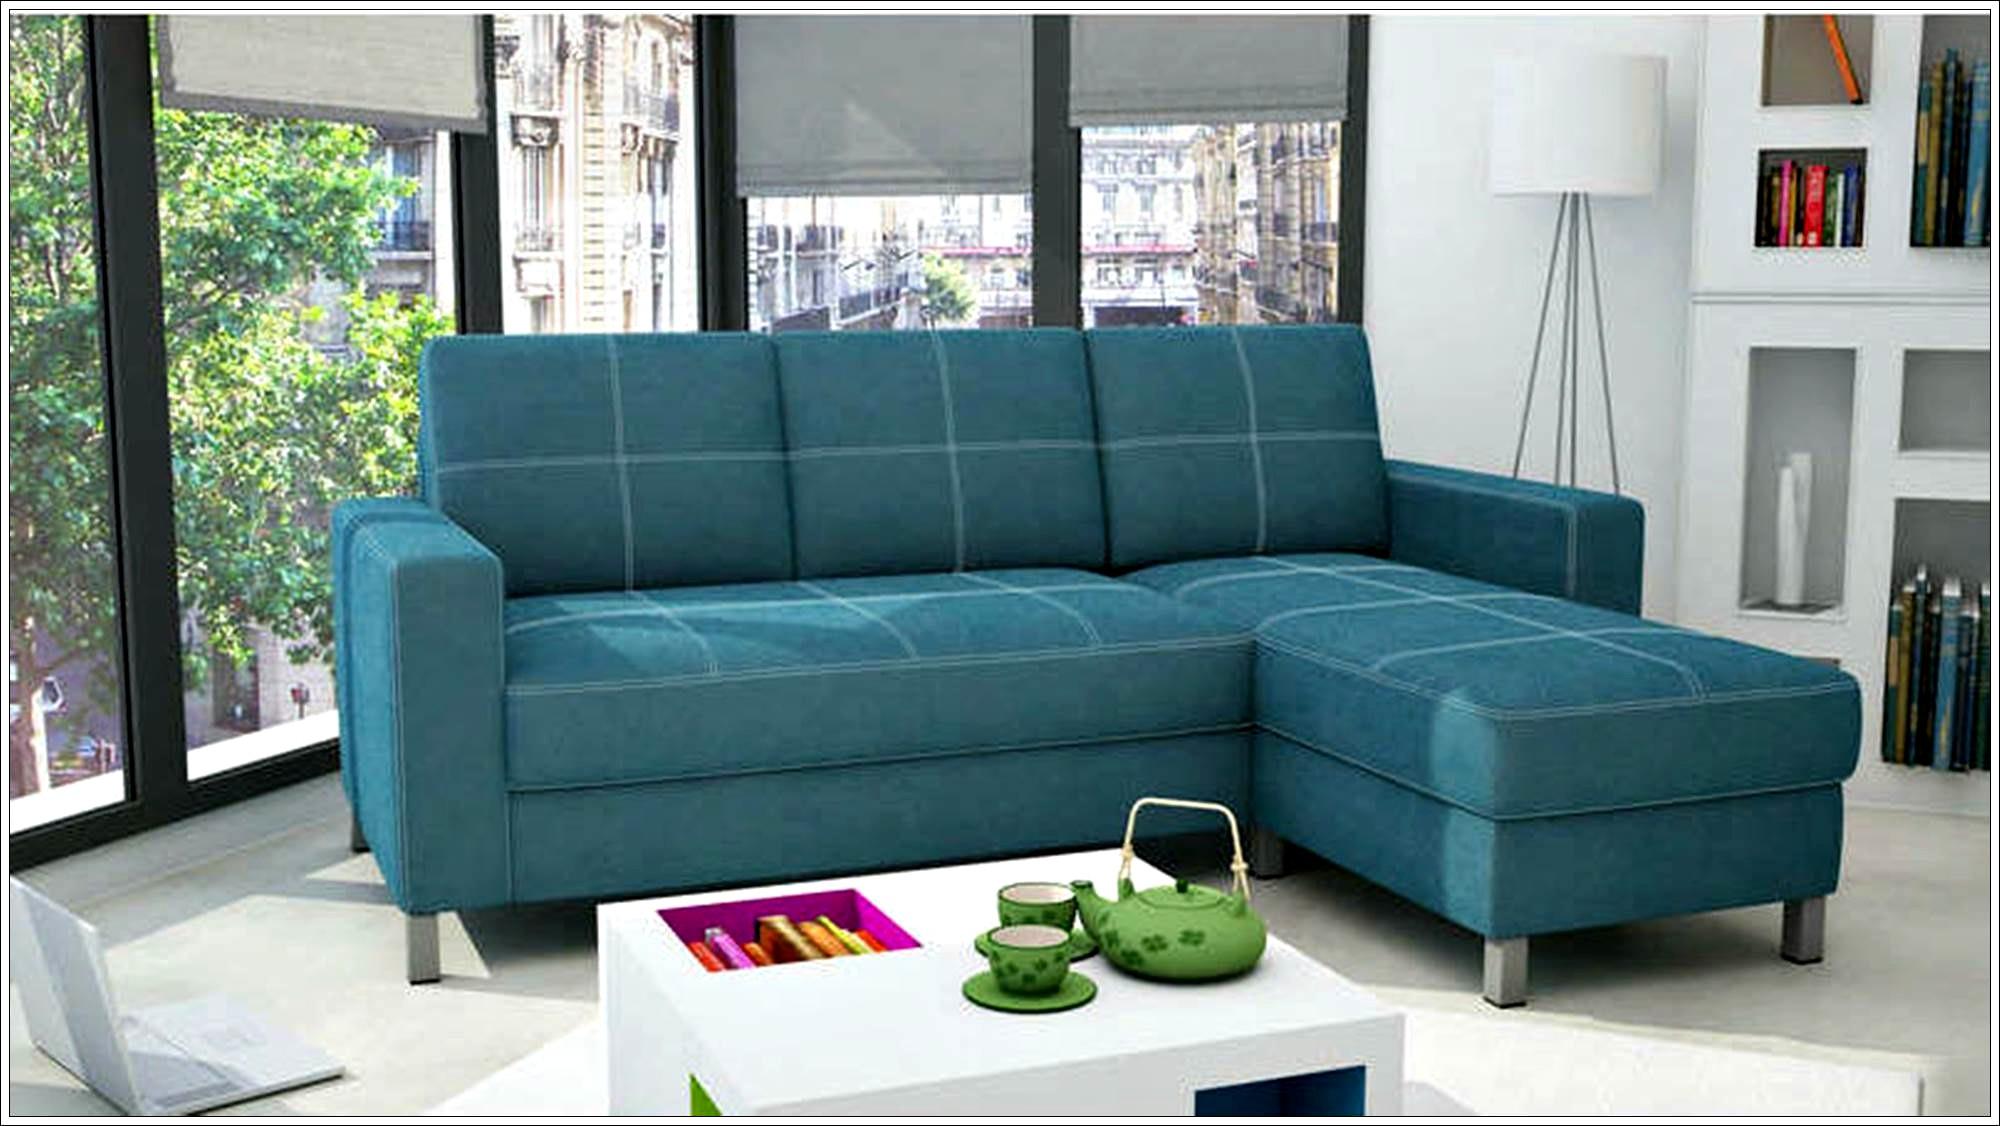 Canapé D Angle Convertible Conforama Luxe Photos Divan Pas Cher 2 Canape Microfibre Avis Canap Arabe sofa Finlandek